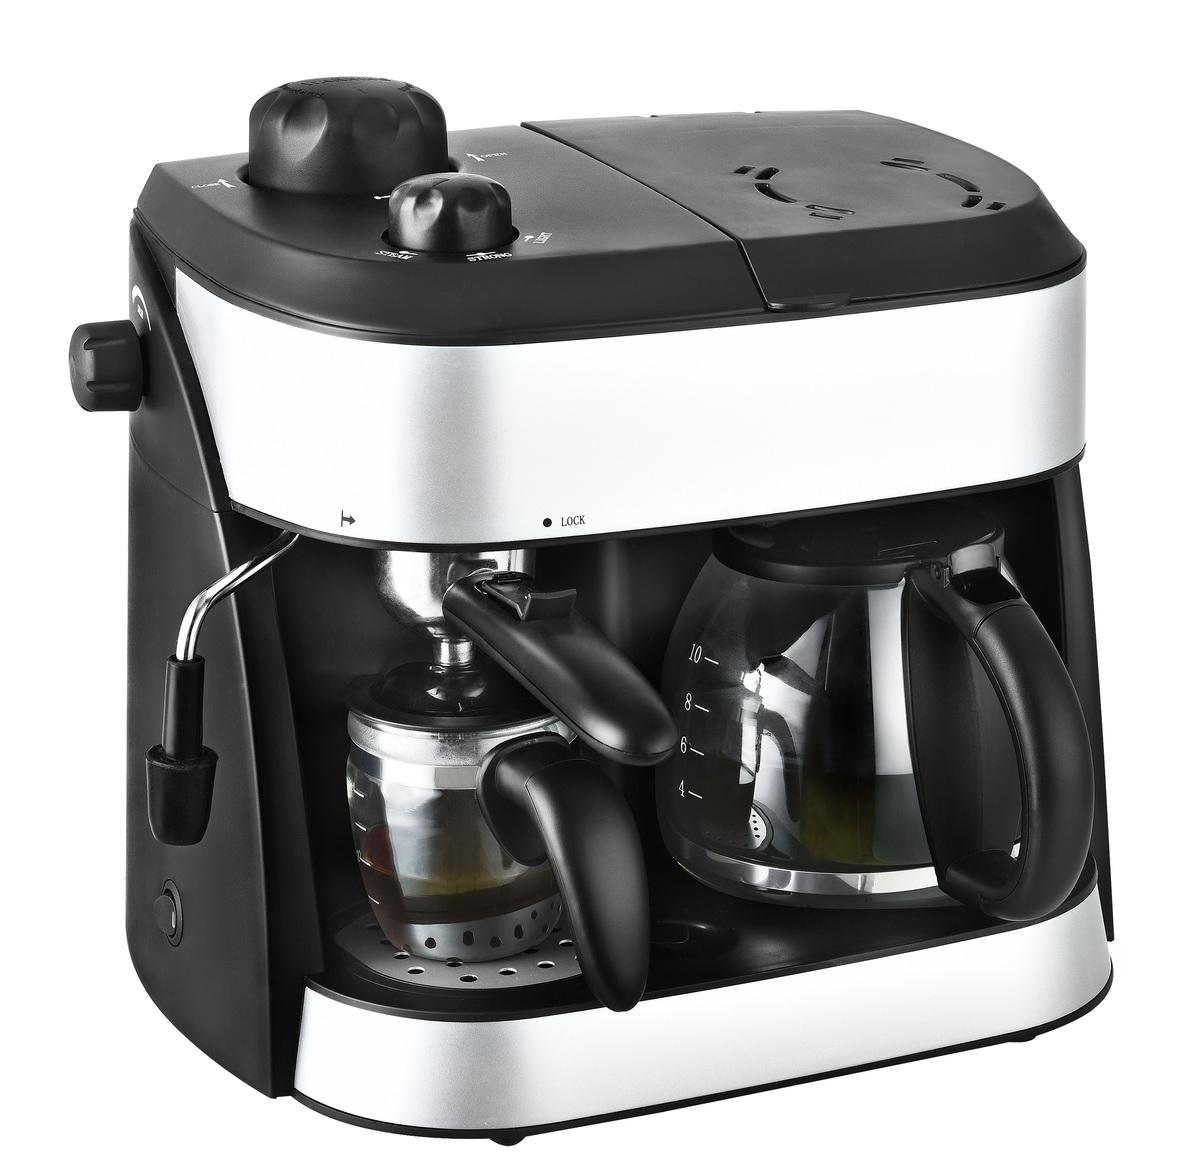 Bild 2 von Kalorik 2 in 1 Espresso- und Kaffeekombiautomat TKG EXP 1001 C mit Kaffee- und Espressokanne